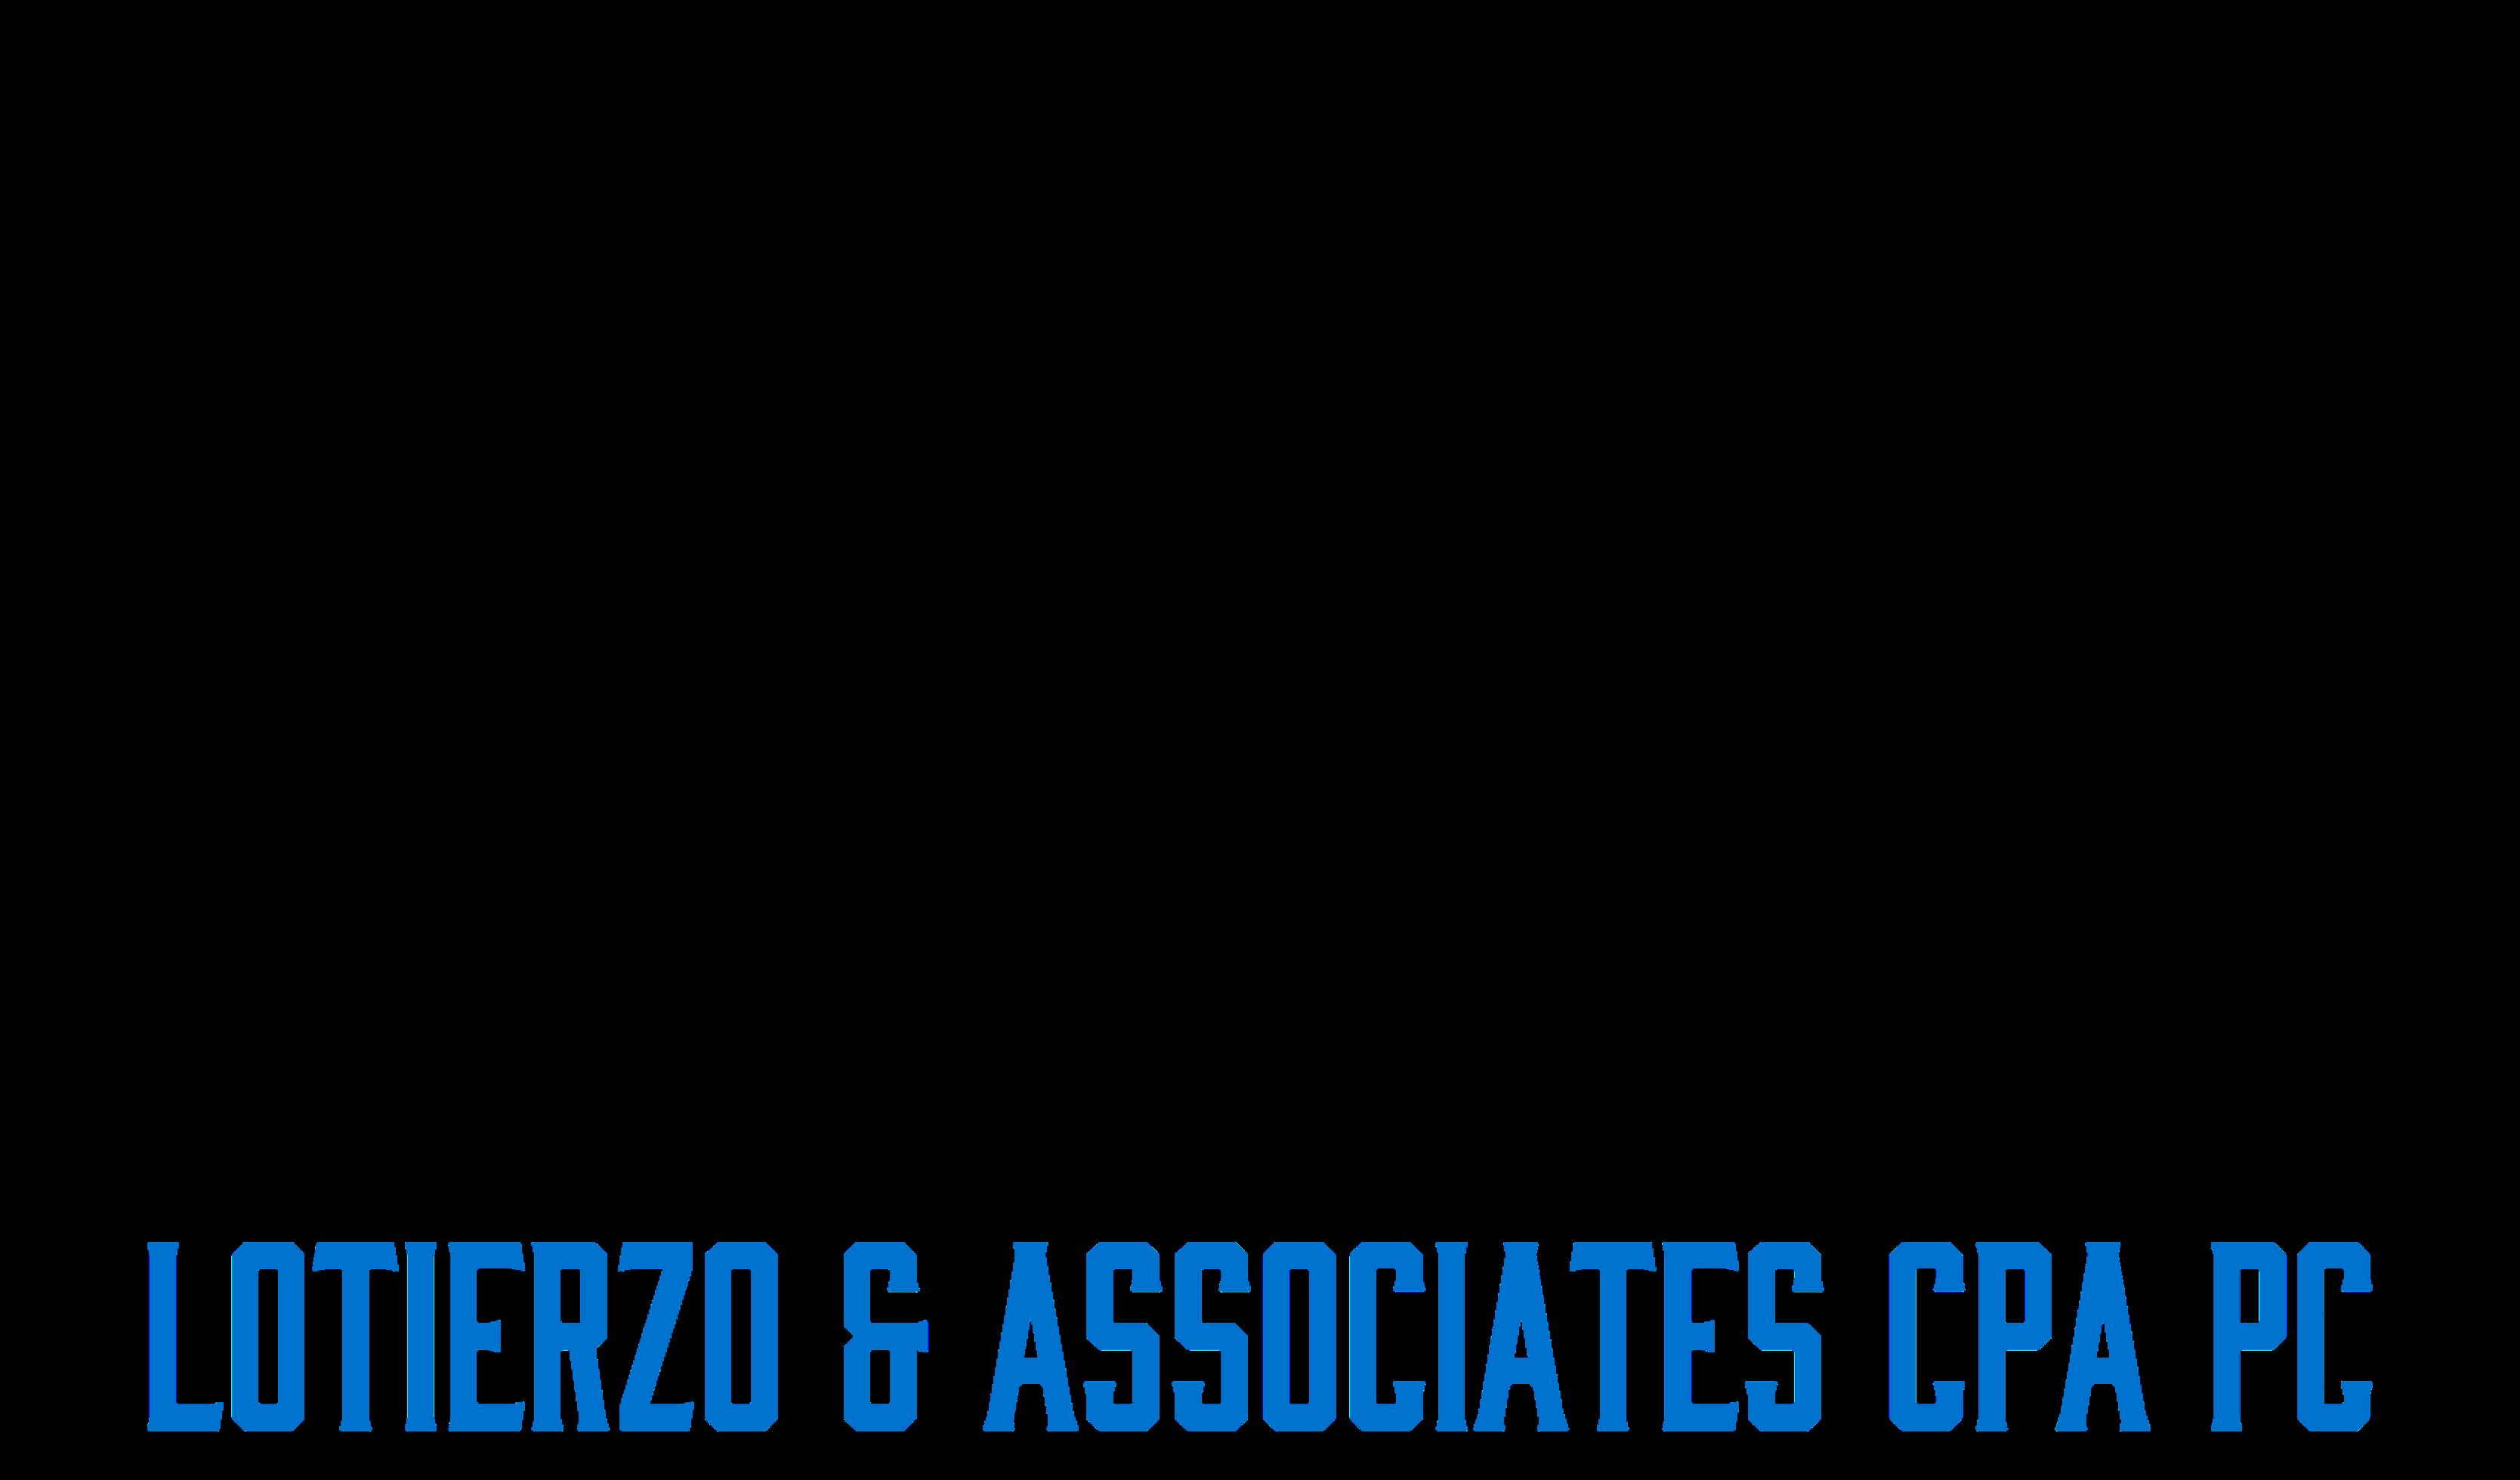 Lotierze-Associates-CPA-PC.png